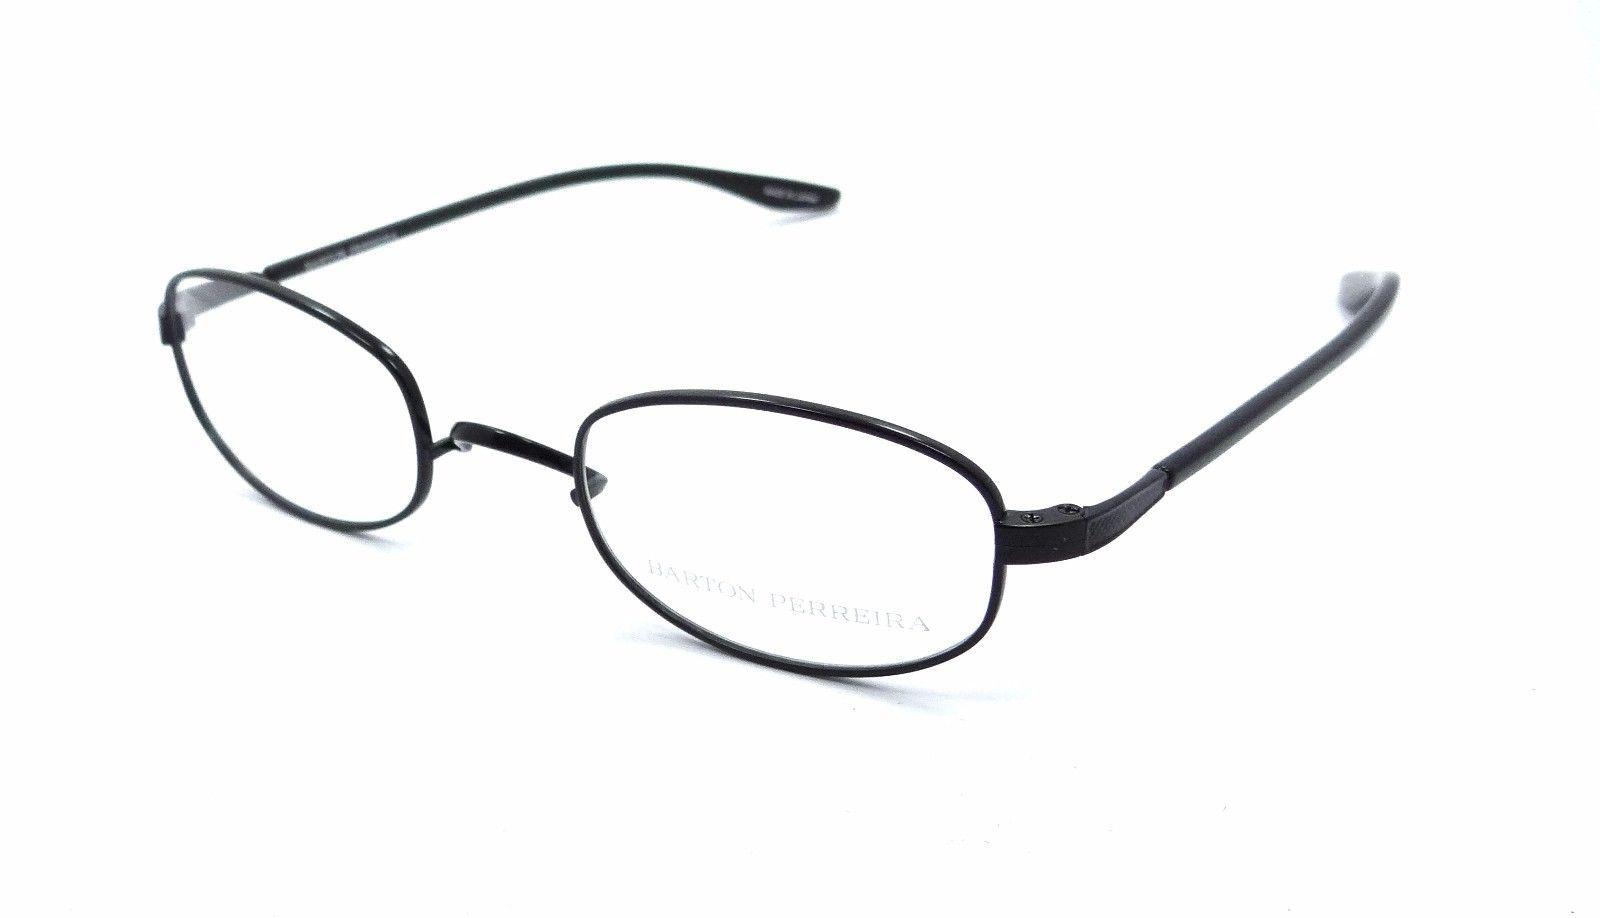 270a74d7fb2 Barton Perreira RX Eyeglasses Frames and 27 similar items. S l1600